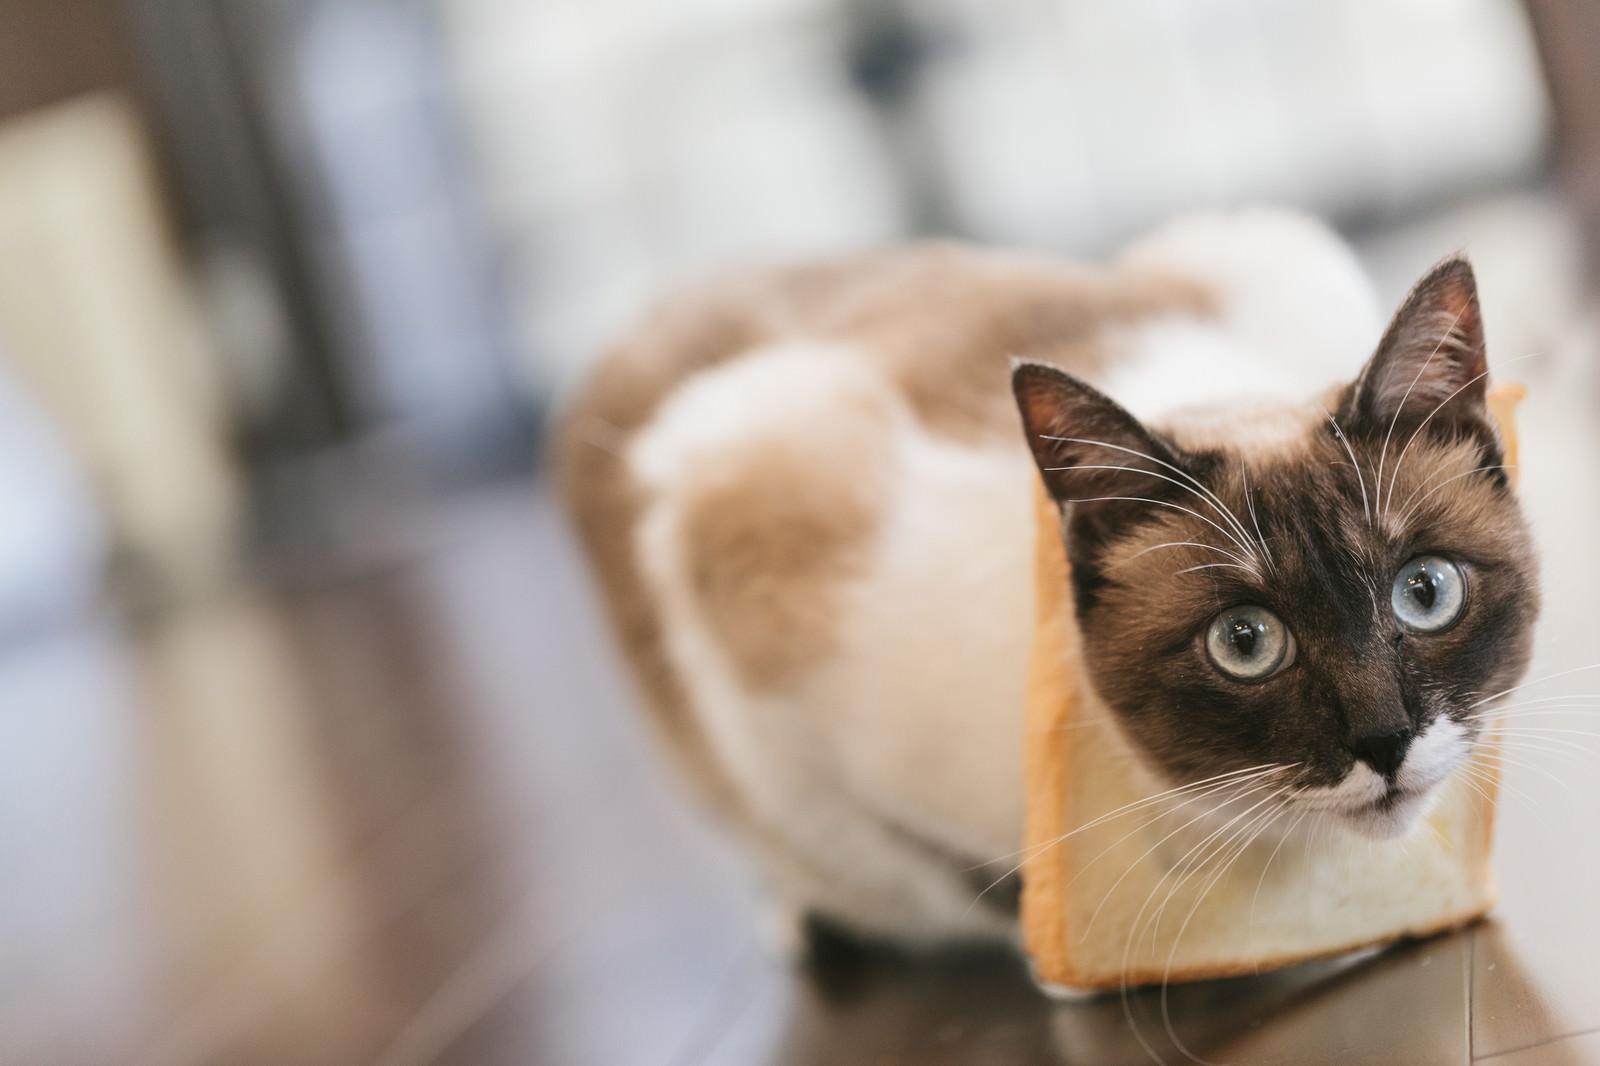 「食パンが見当たらない(猫)食パンが見当たらない(猫)」のフリー写真素材を拡大